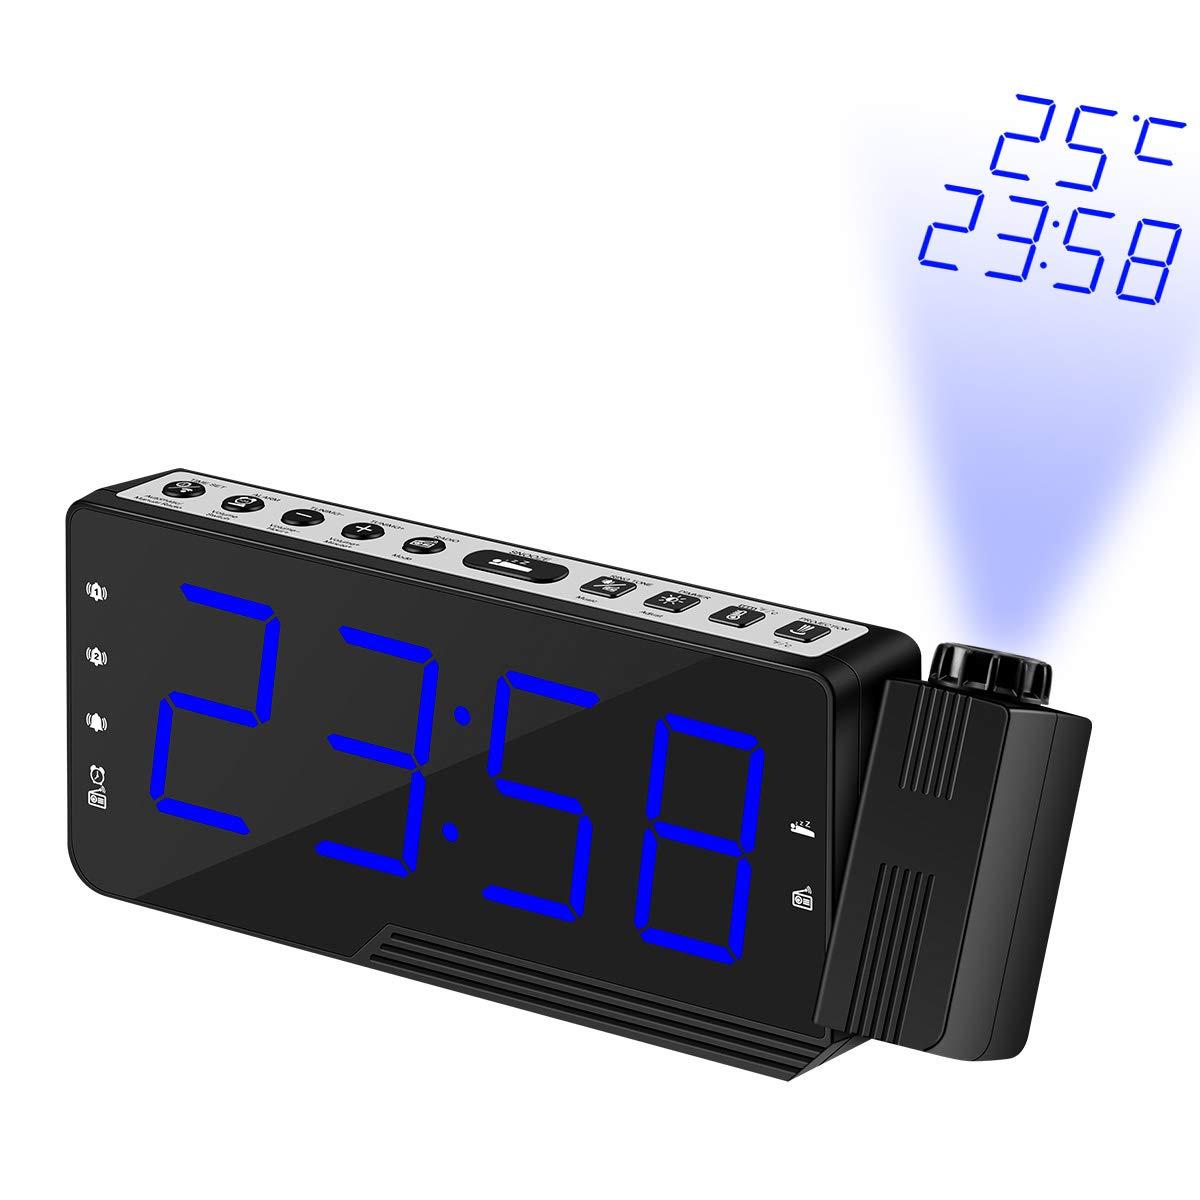 3 Allarme di Temperatura Proiezione con Sveglia Radio Atomic Controlled Projection Alarm Clock w//Data Radio Controllo proiezione Sveglia Settimana retroilluminazione